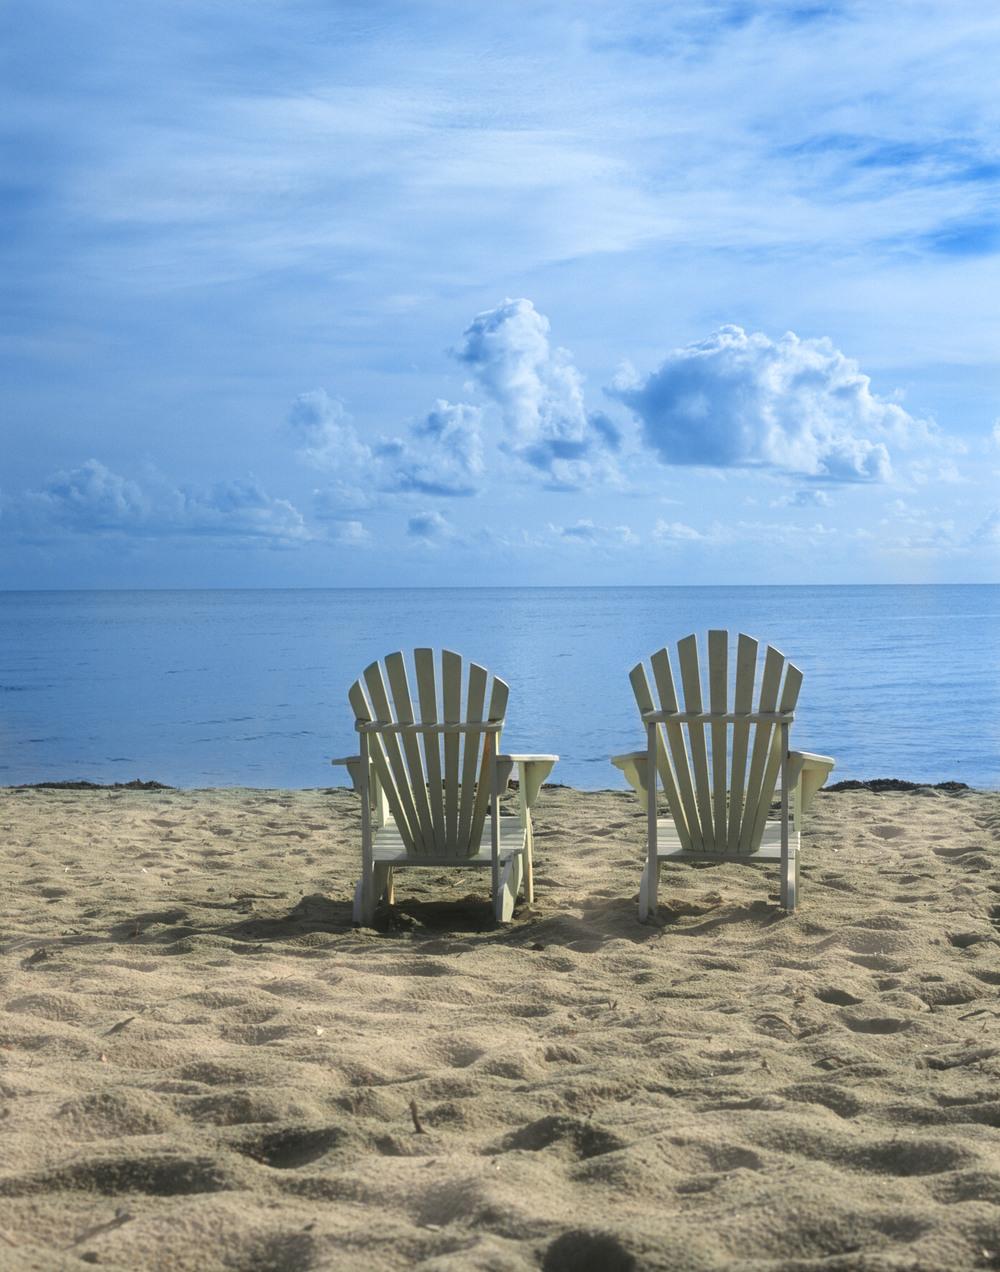 040307 Chairs on Beach.jpg